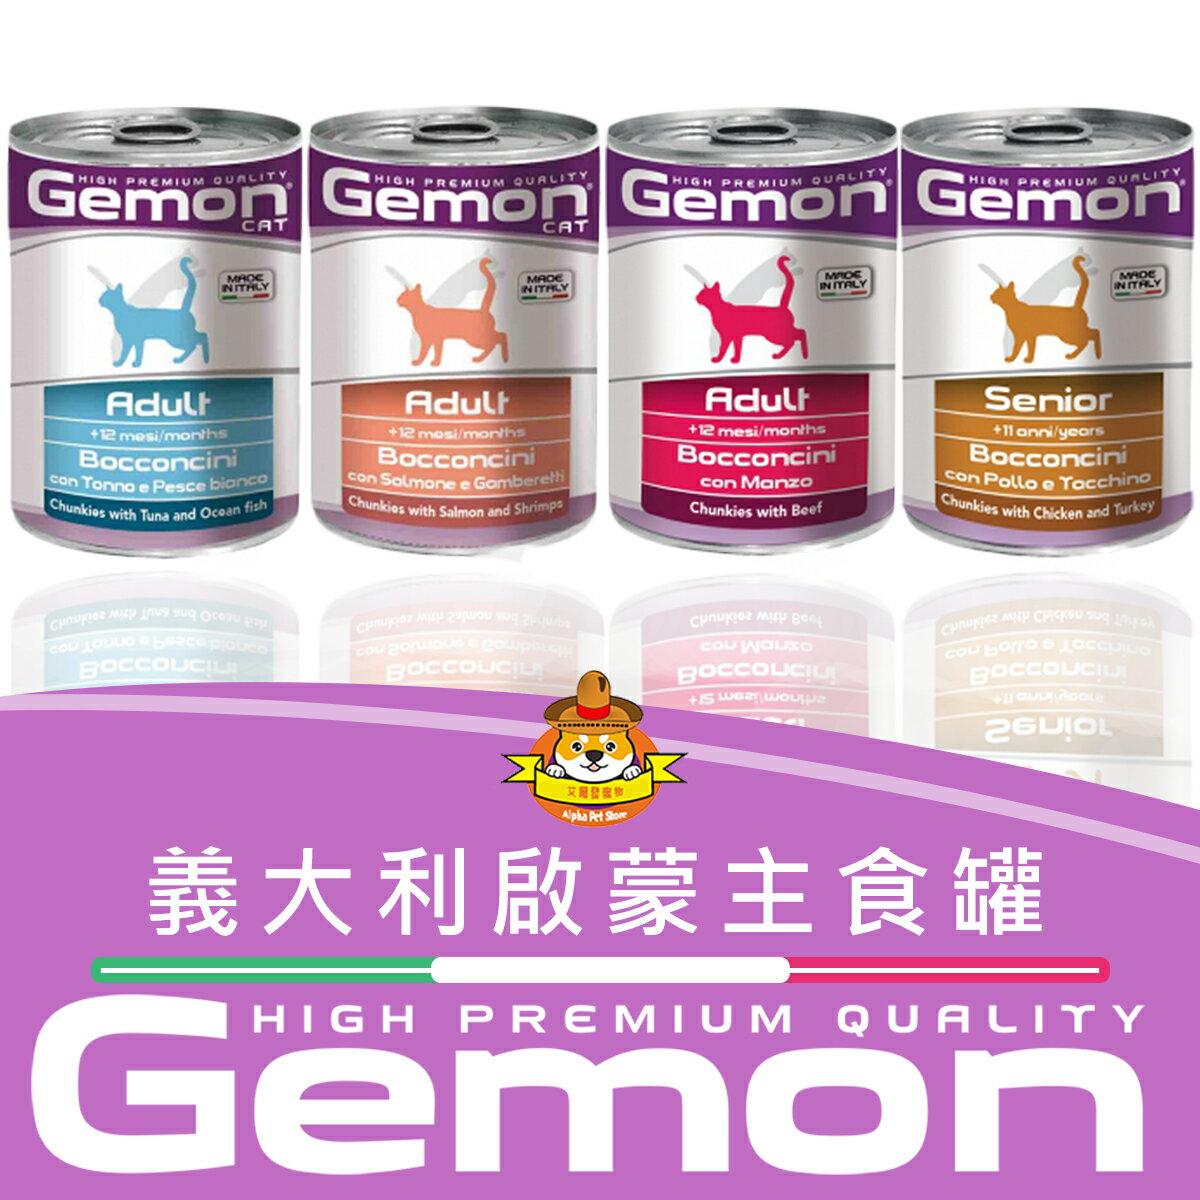 義大利 Gemon 啟蒙 主食貓罐 415g // 貓主食罐 貓主食 貓罐頭 貓糧